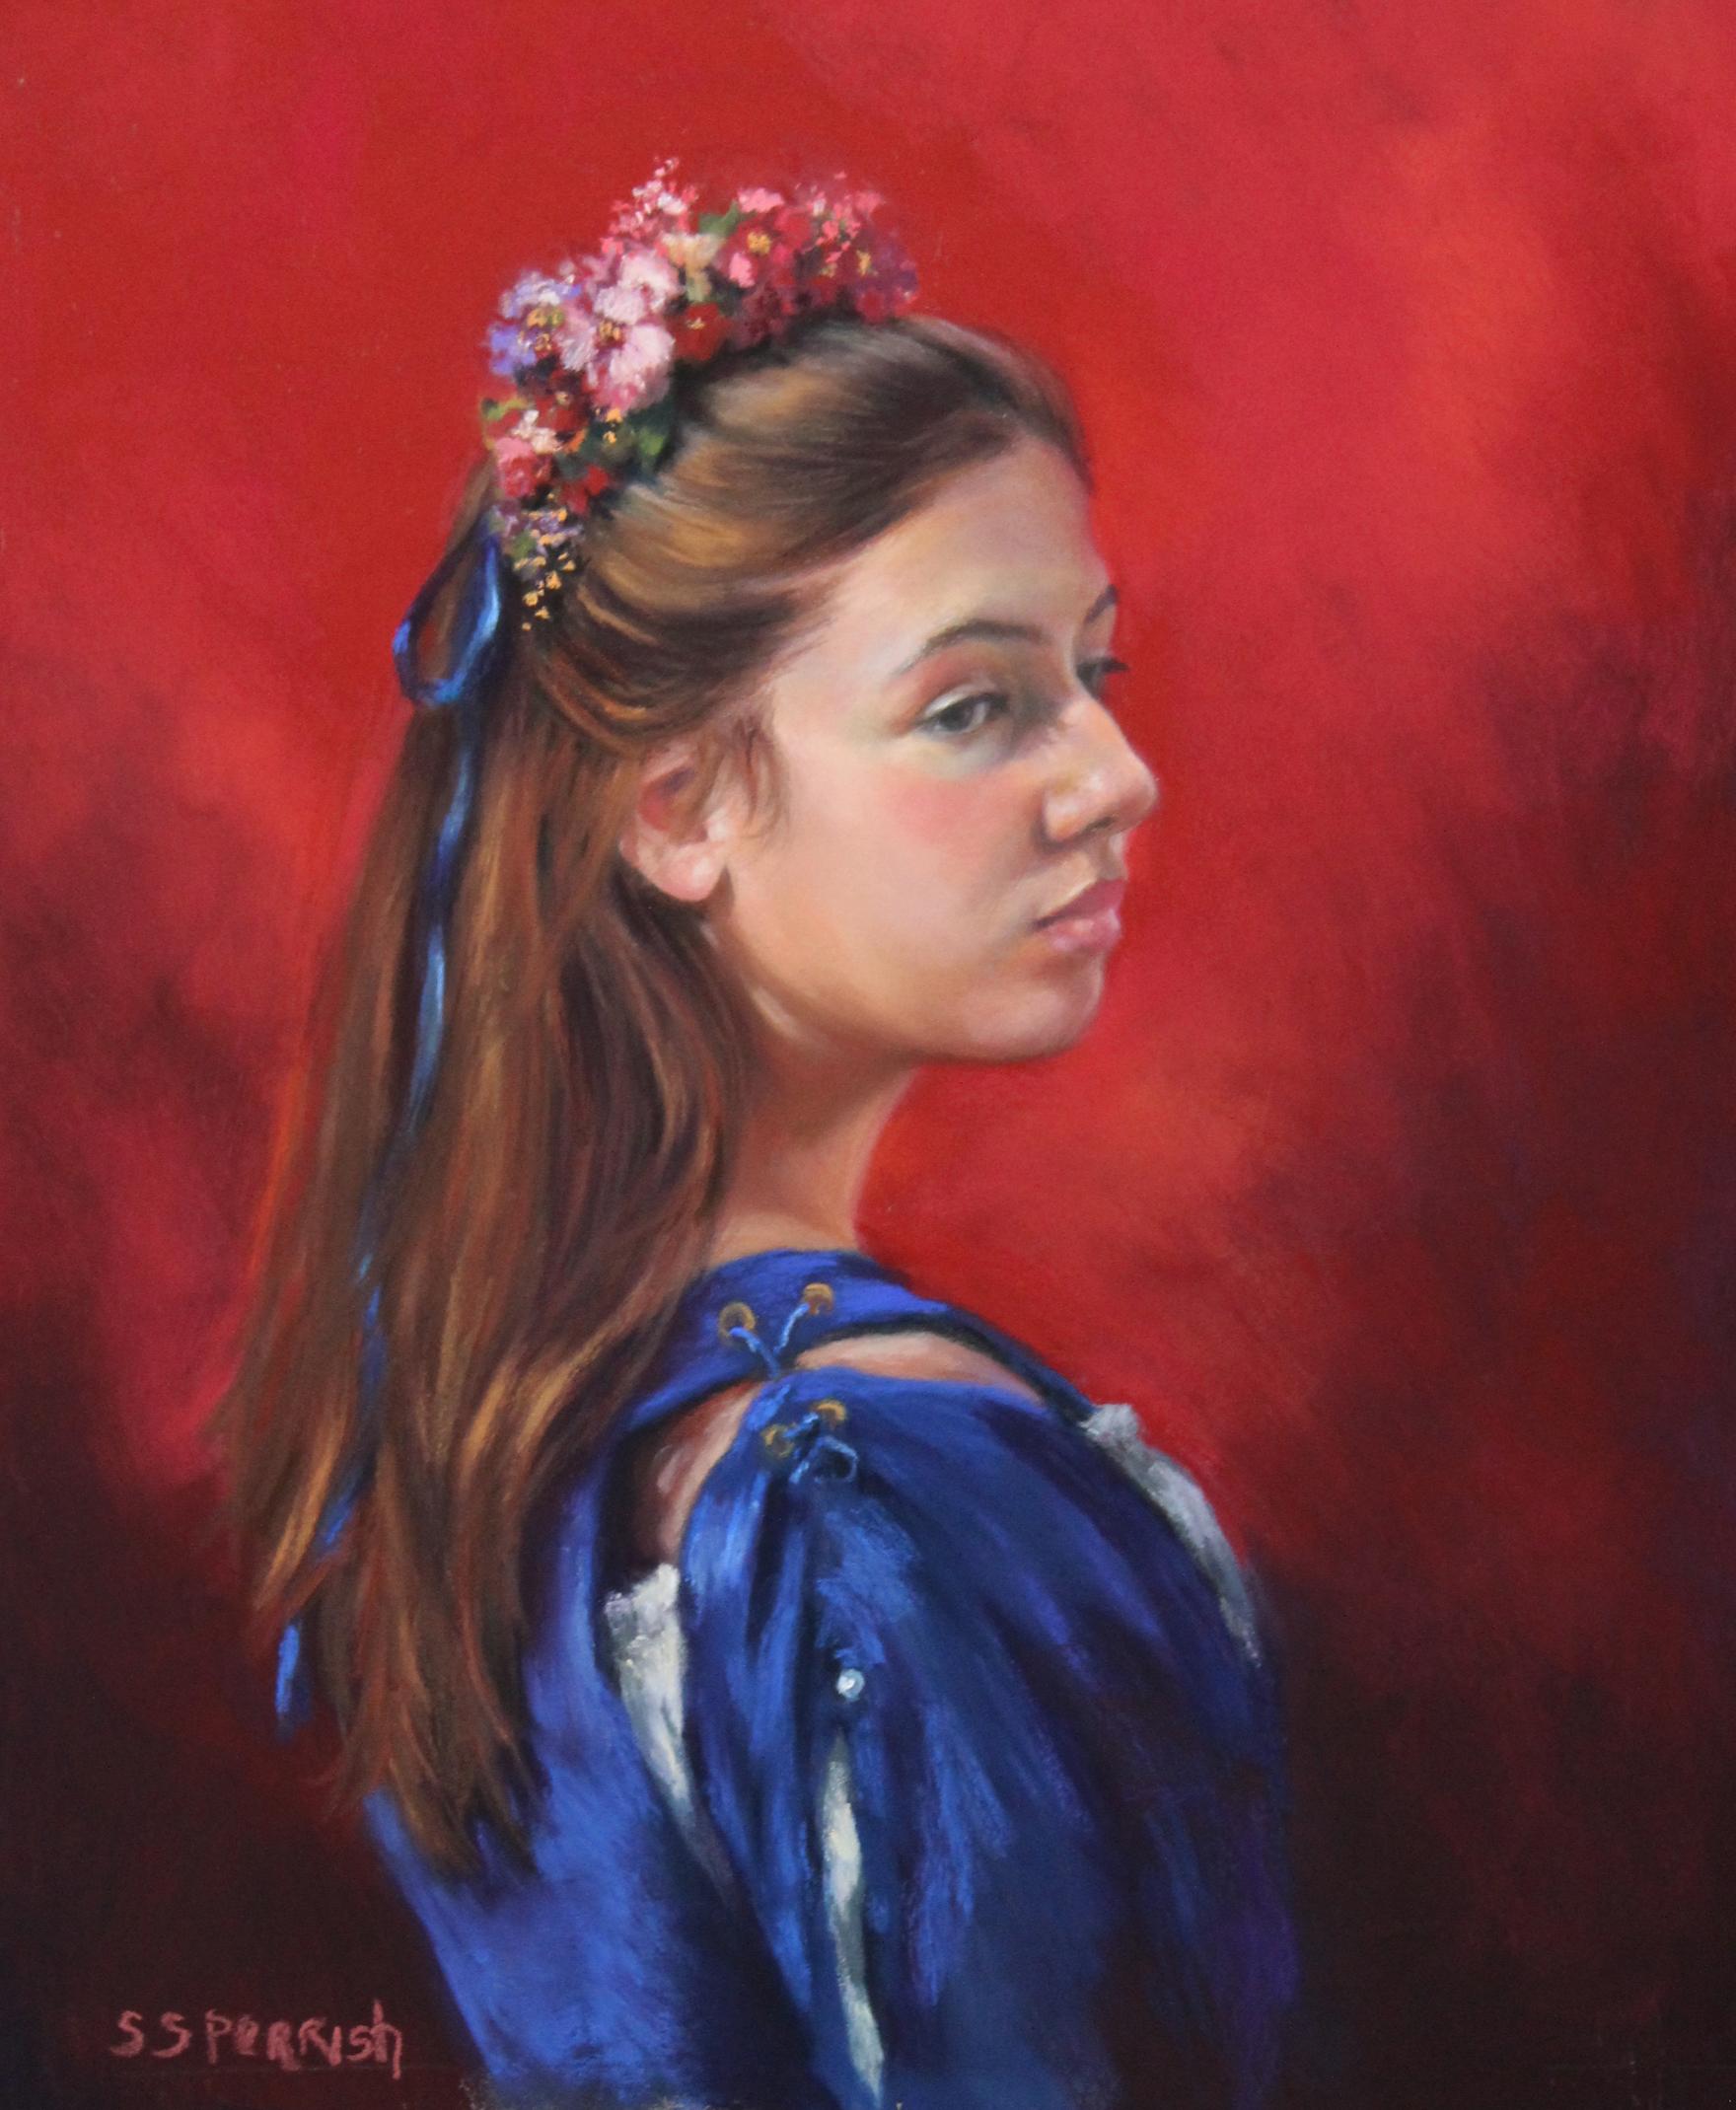 Susan Perrish